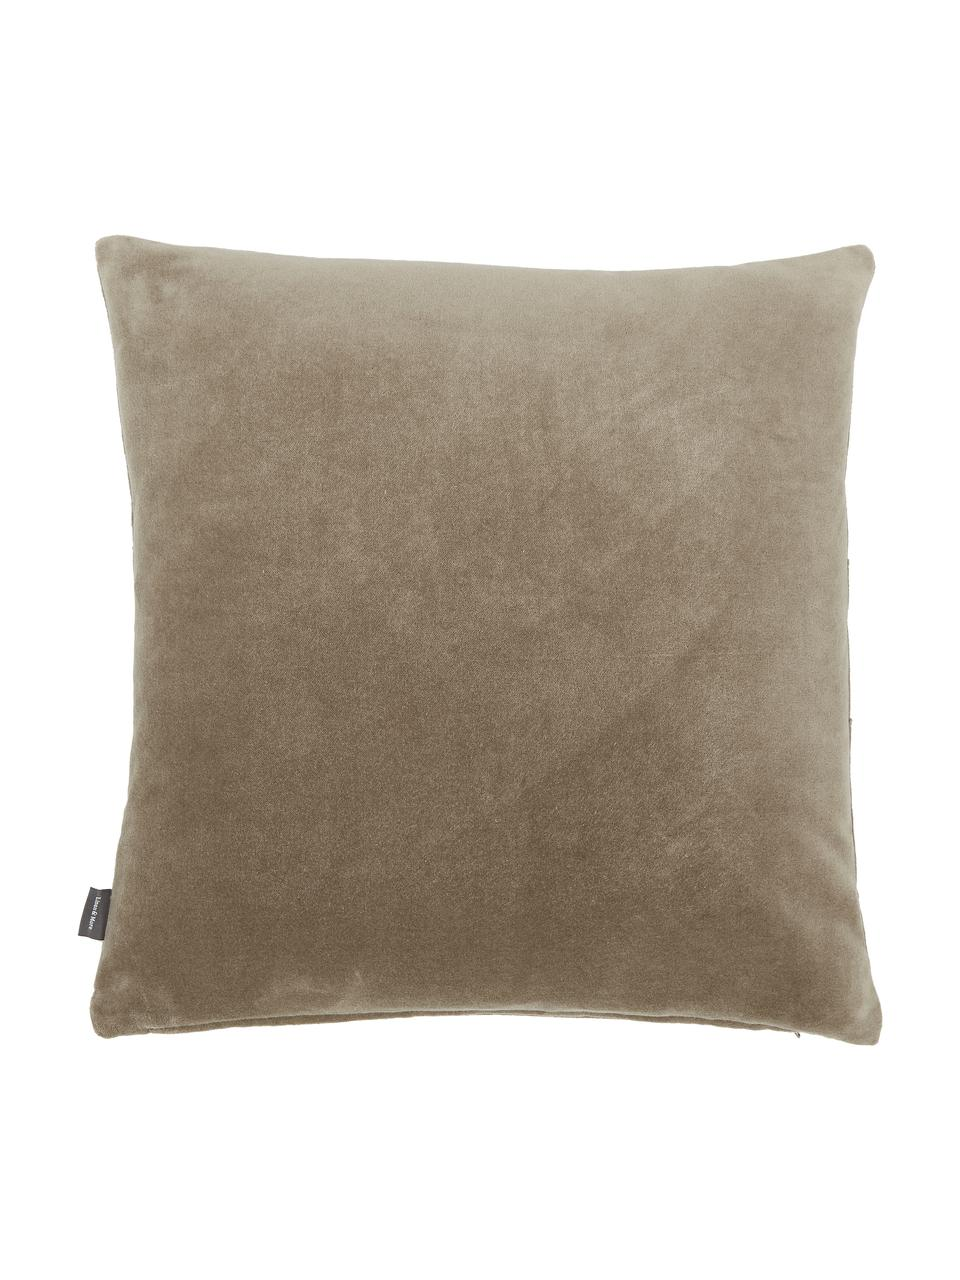 Samt-Kissen Pintuck in Braun mit erhabenem Strukturmuster, mit Inlett, Bezug: 55% Rayon, 45% Baumwolle, Webart: Samt, Taupe, 45 x 45 cm